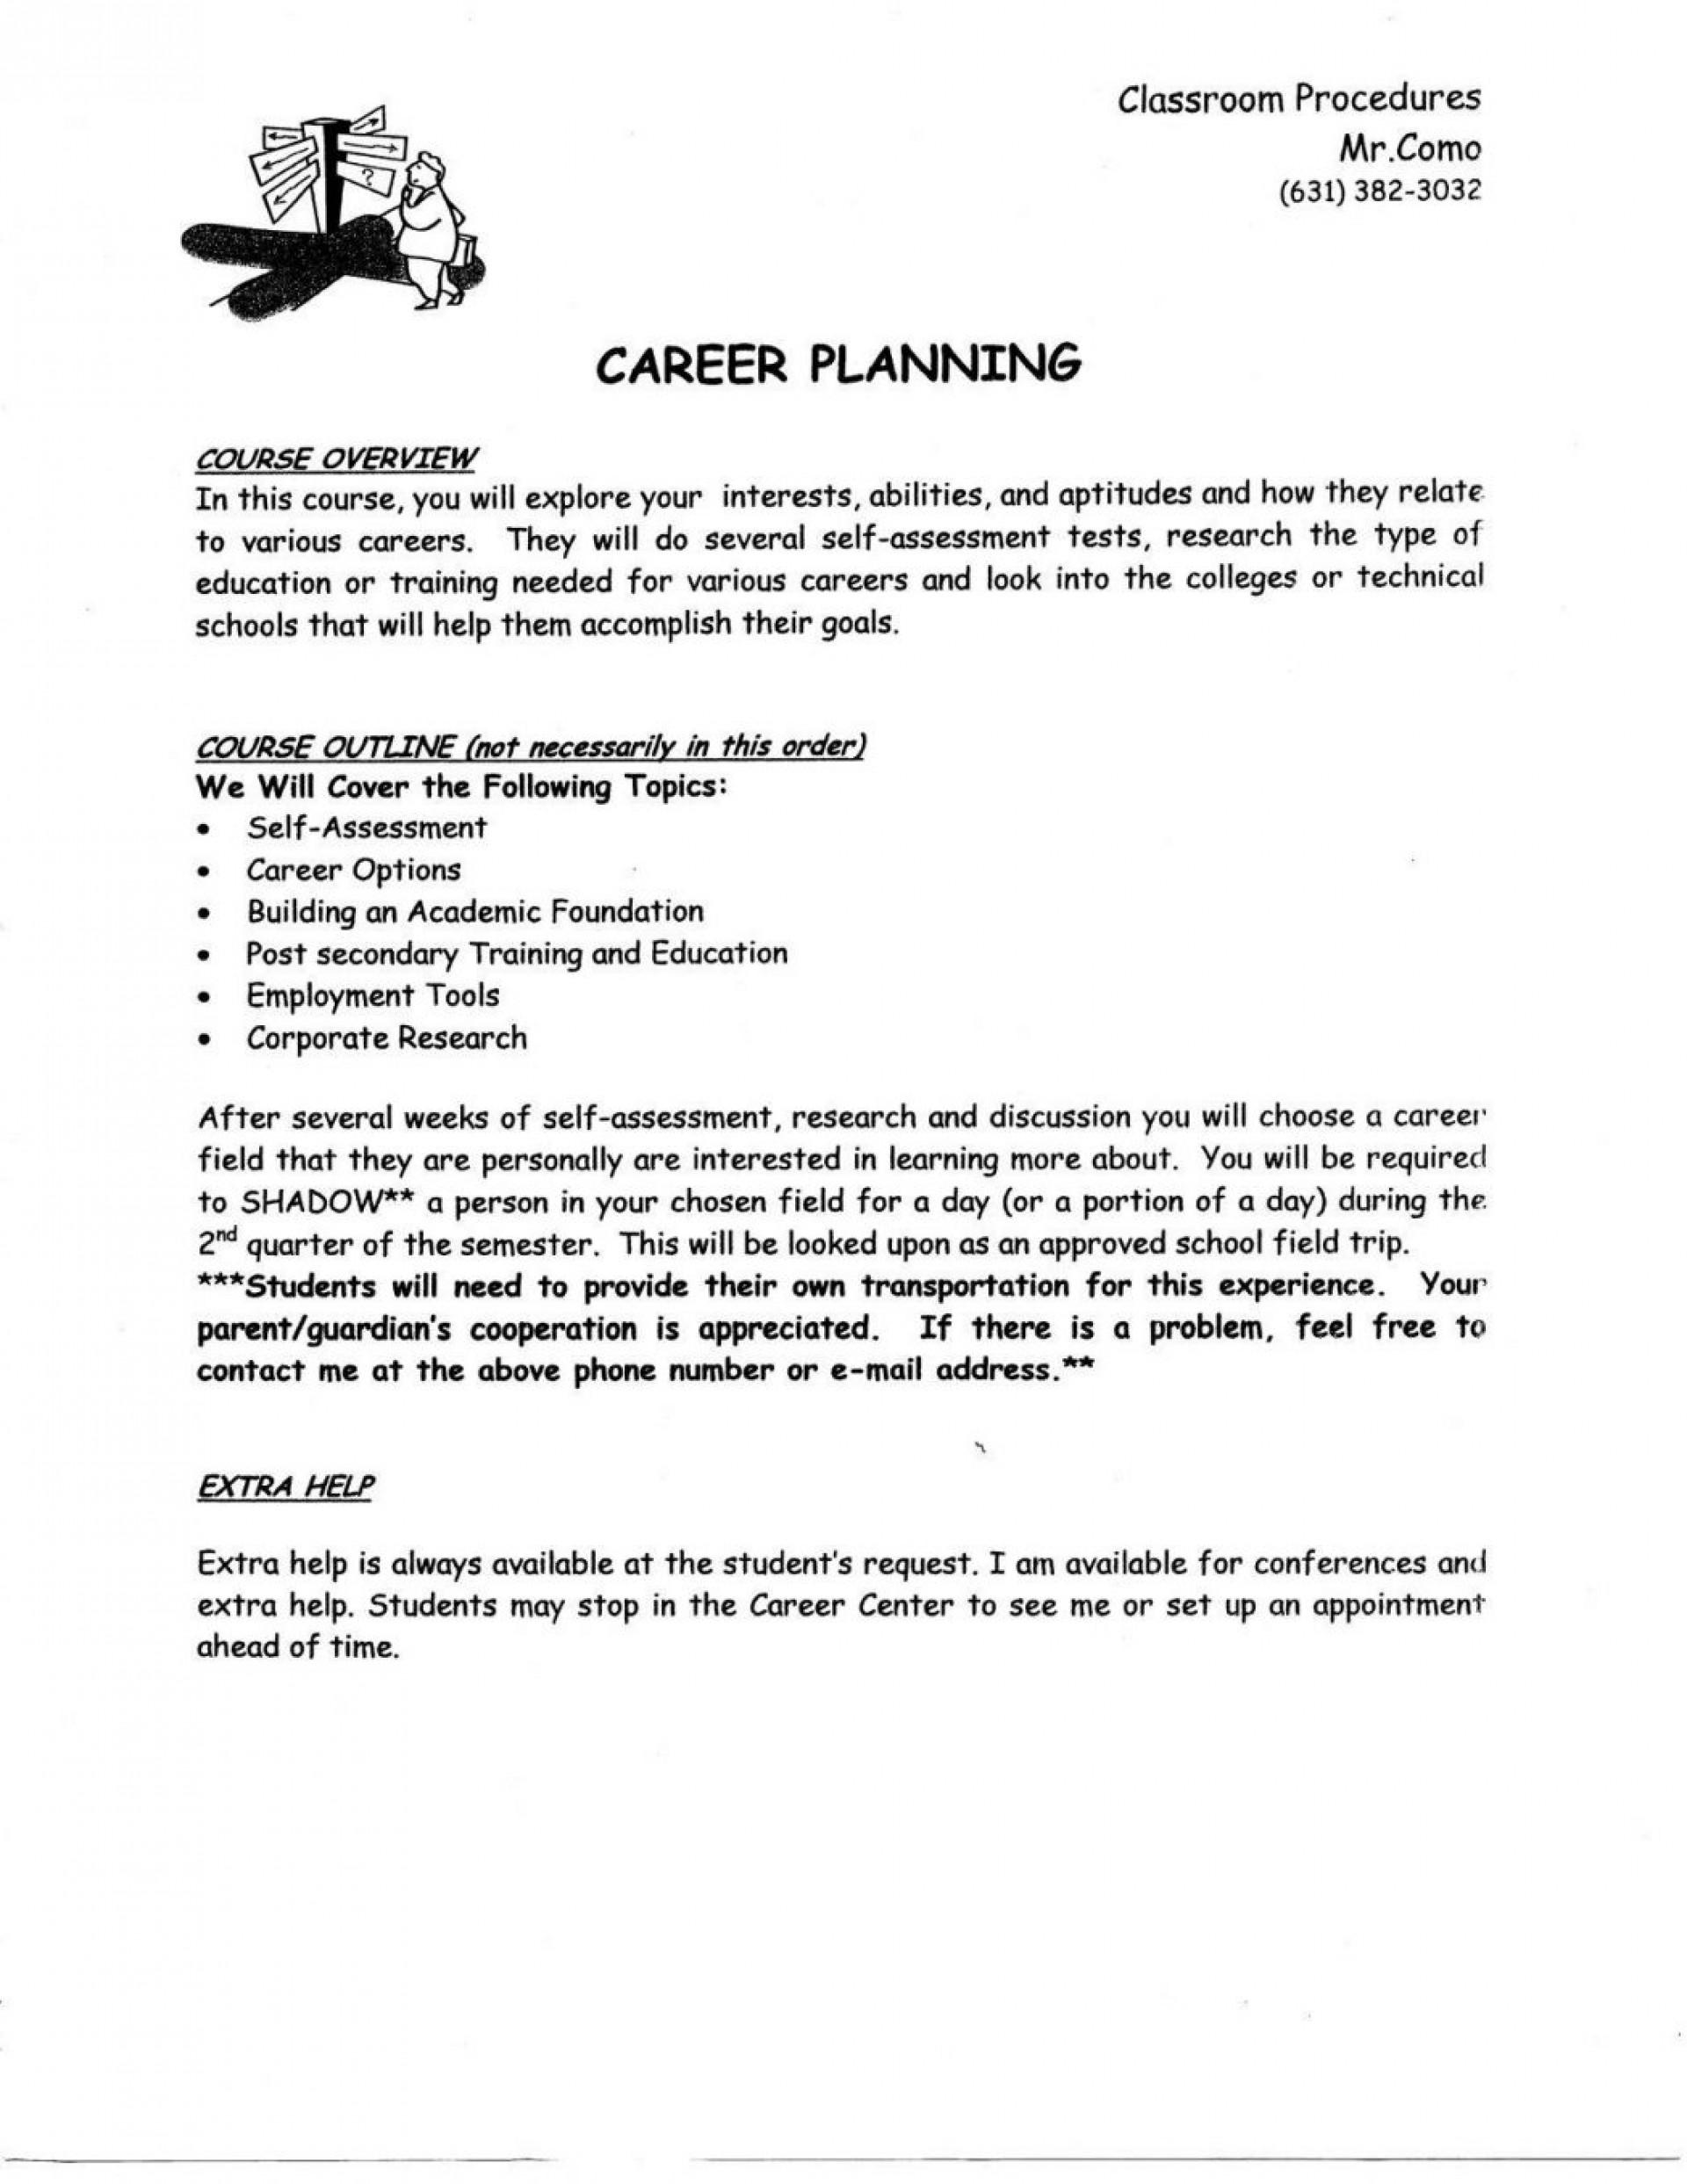 004 Nursing Career Essays Essay On Goals In Goal Example Examples Imposing Profession Nigeria Professionalism 1920